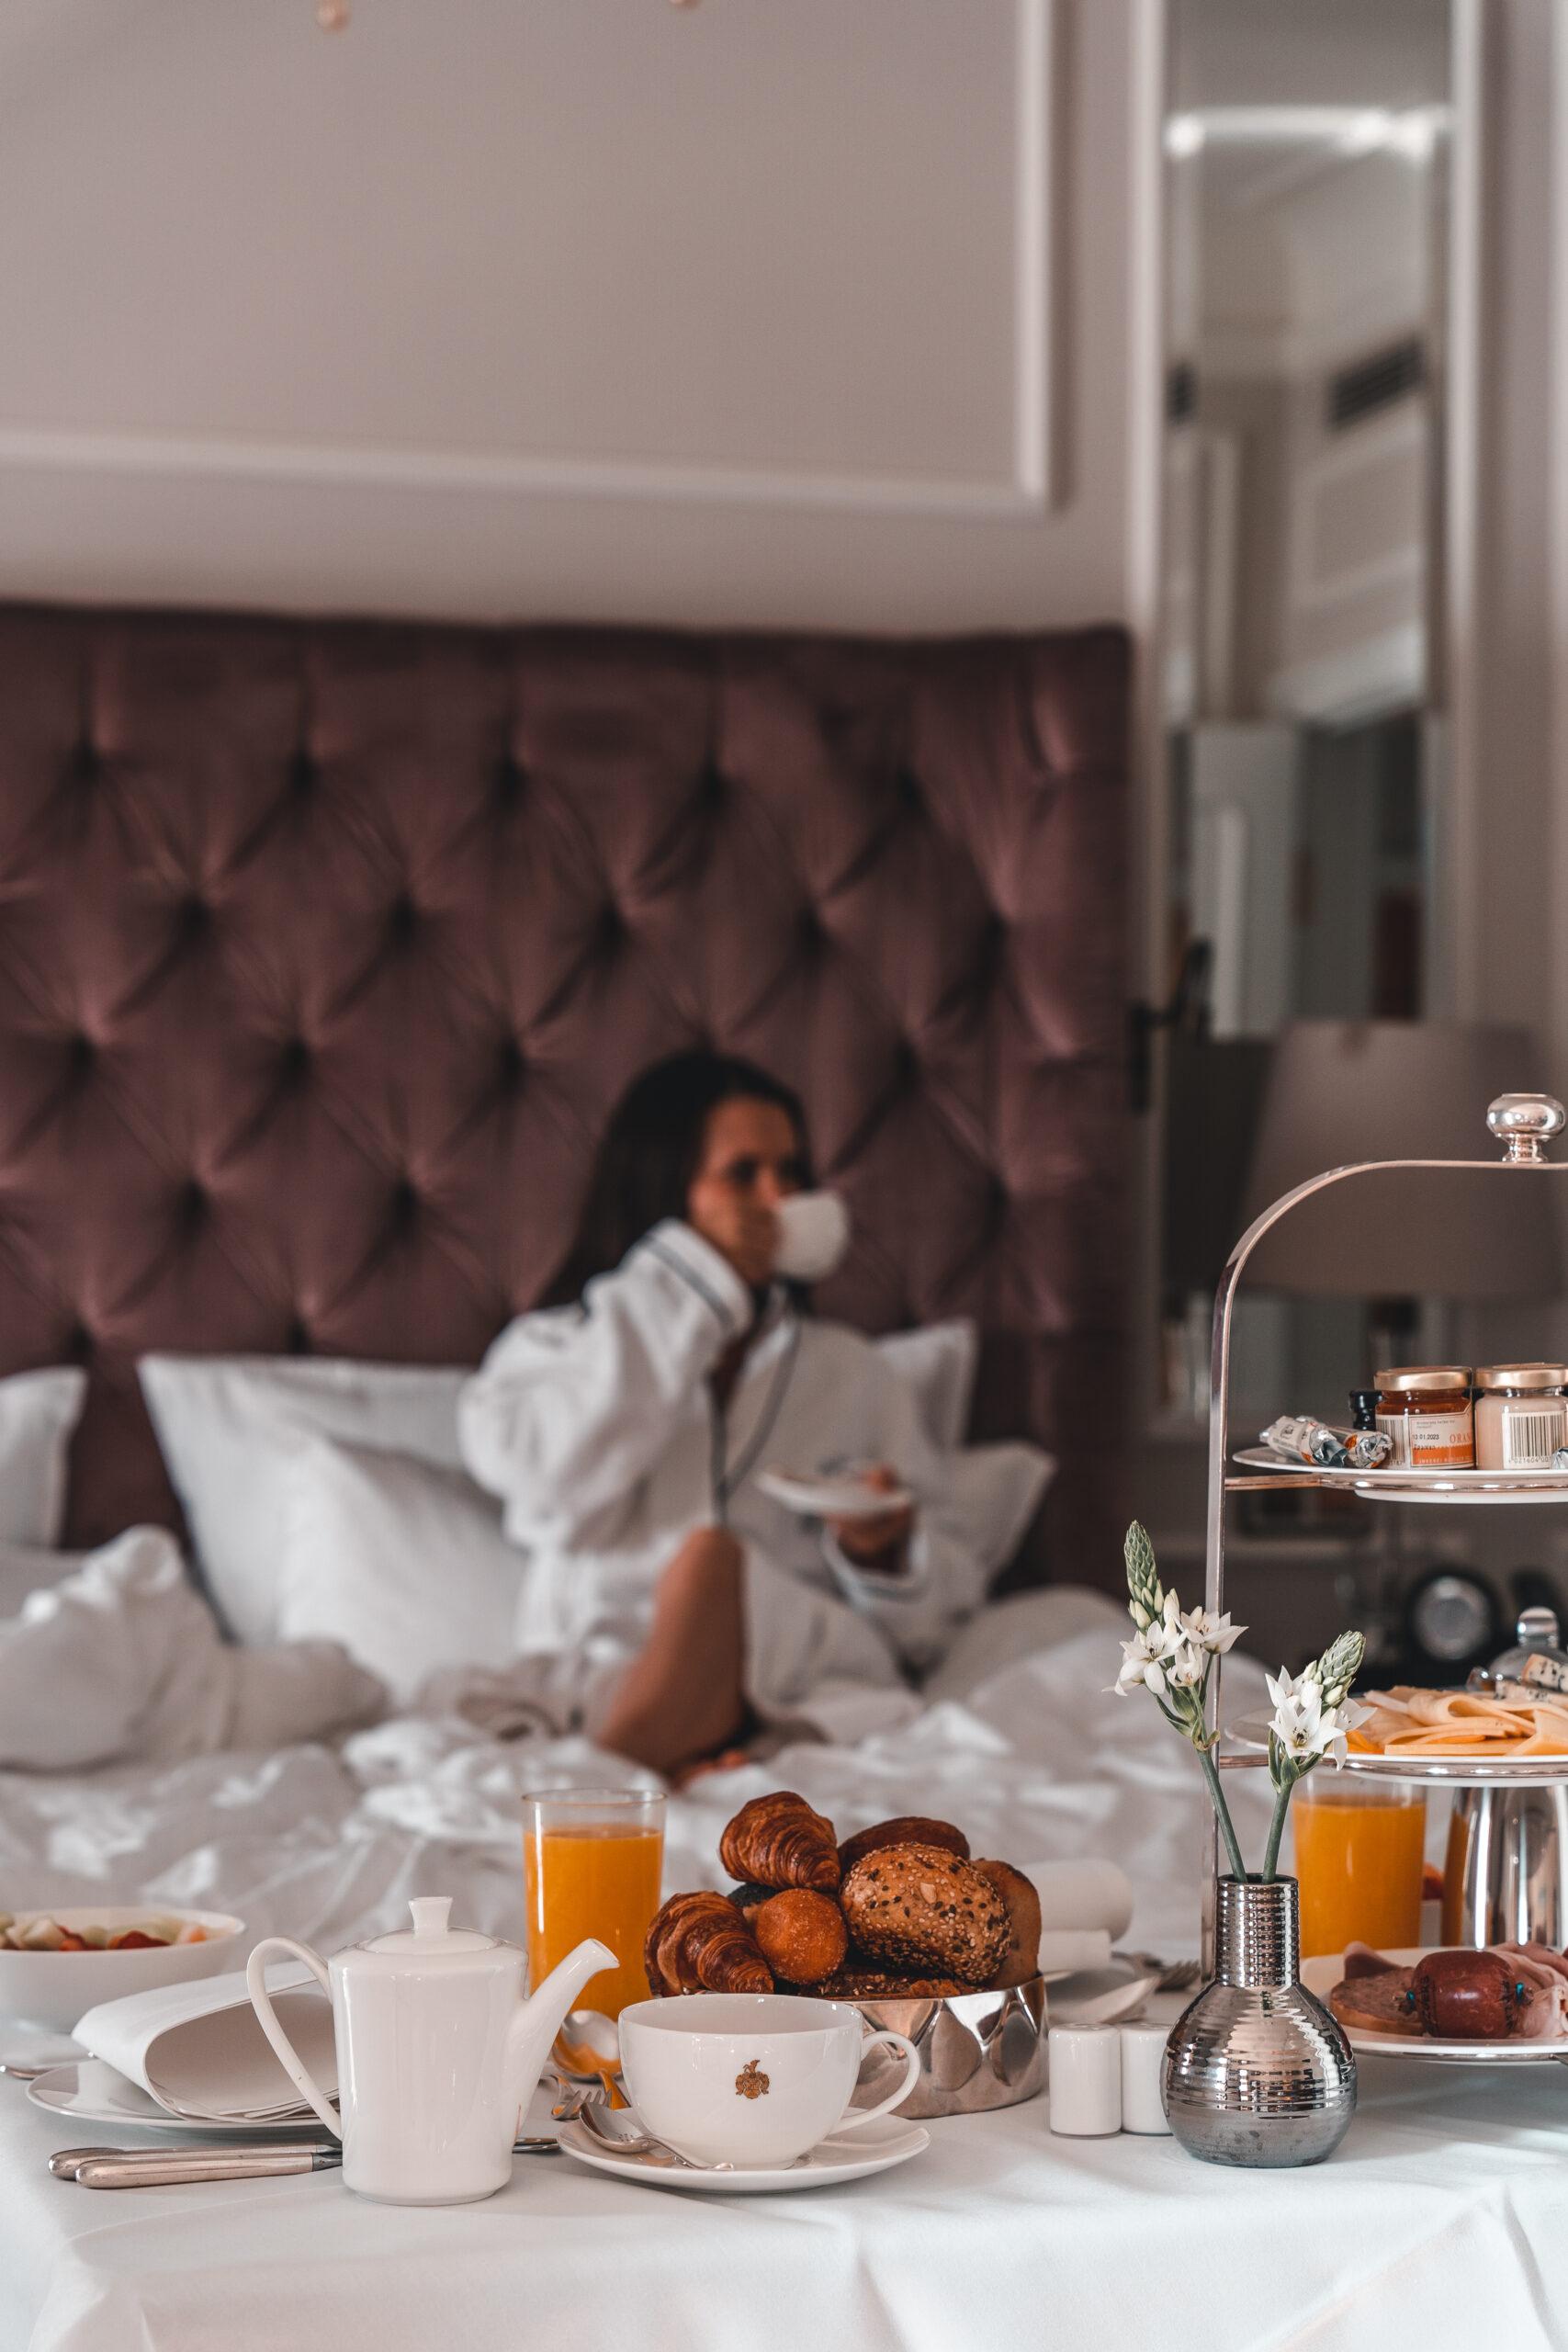 Fairmont Hotel Vier Jahreszeiten | Detailshot breakfast by Tabitha & Florian